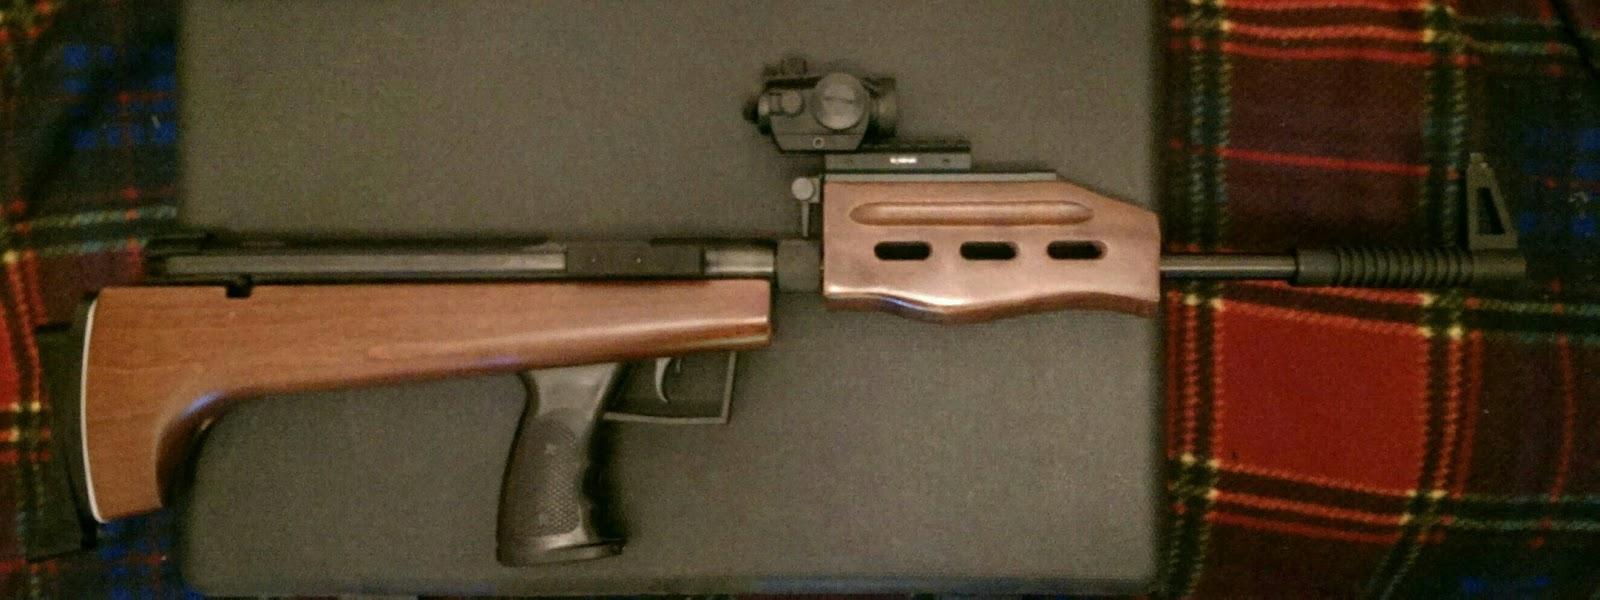 Industry brand qb58 air rifle